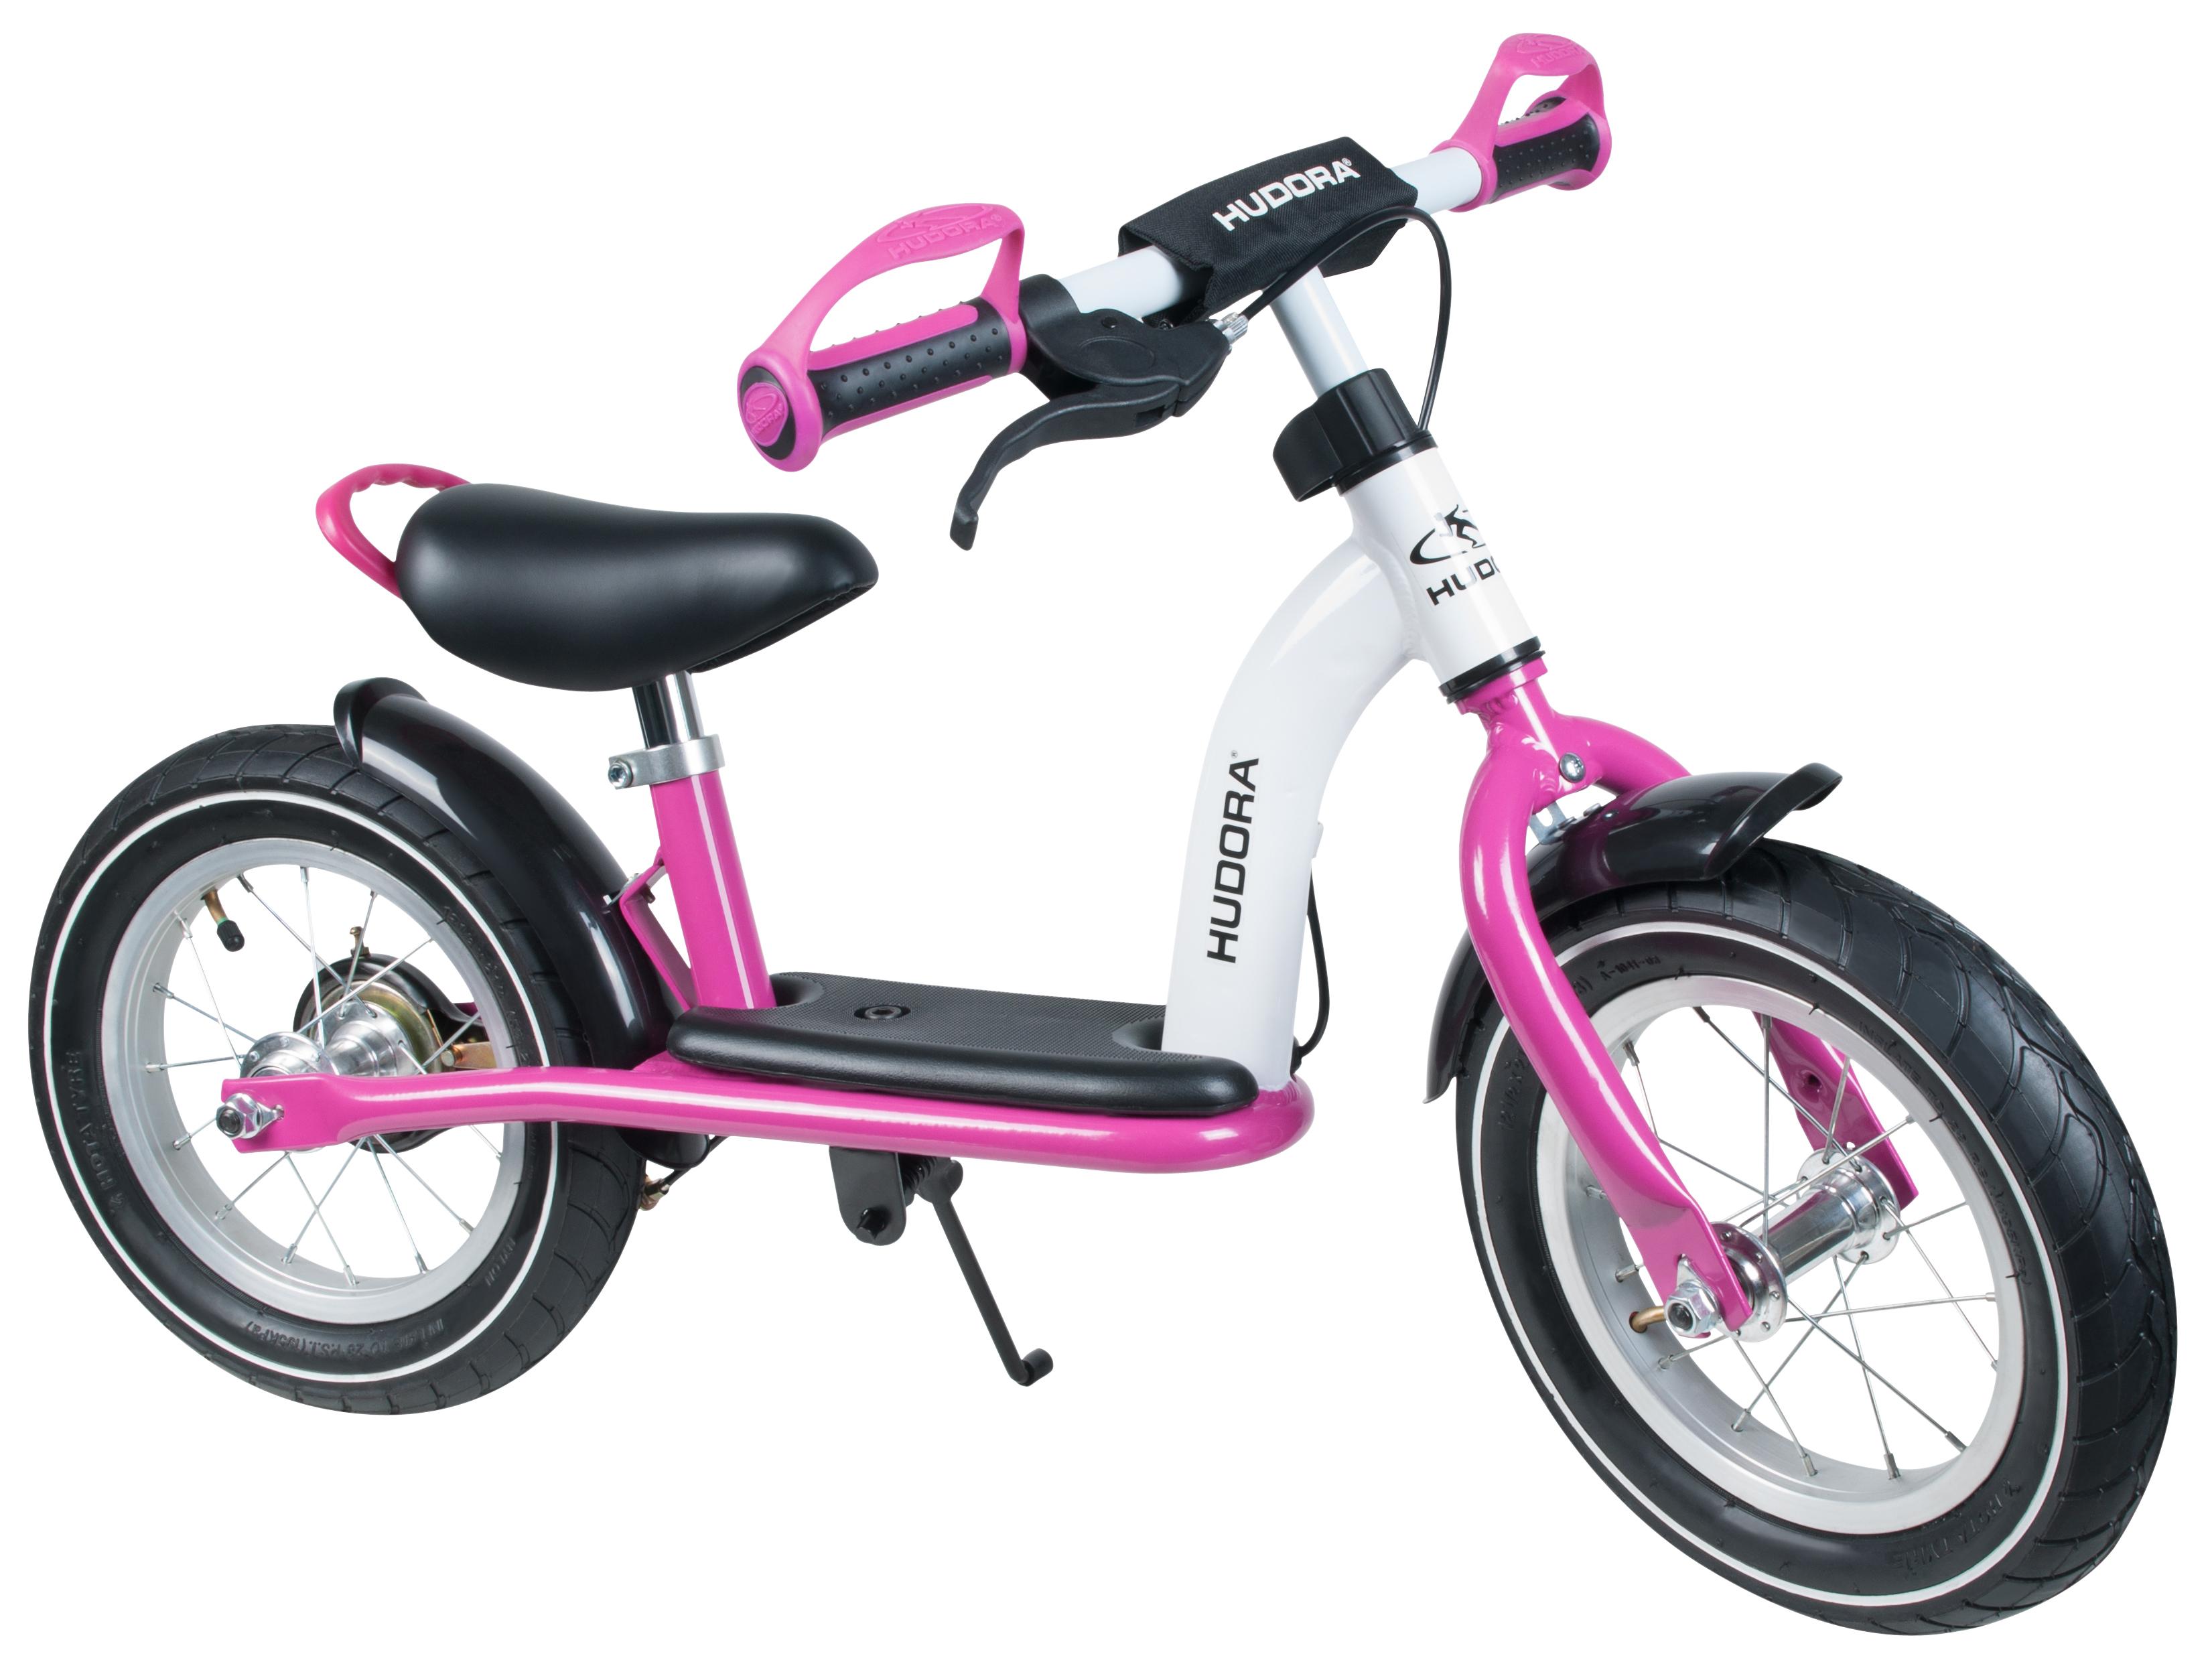 беговелы Беговел Hudora Беговел HUDORA Cruiser Girl Alu, 12, розовый, 10089, розовый